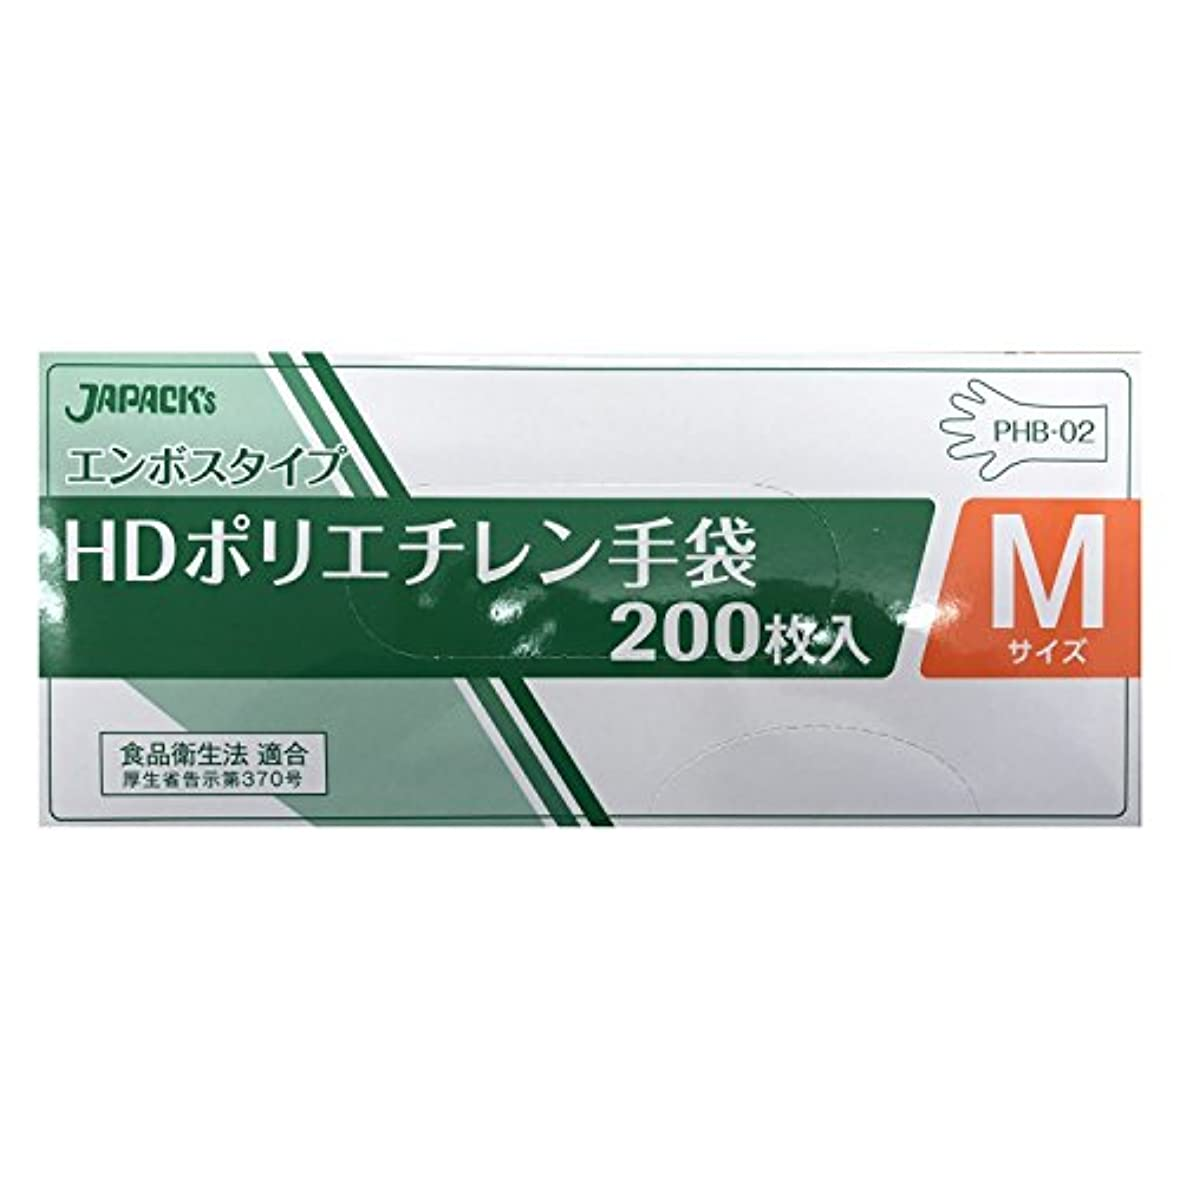 研究ポンプ人質エンボスタイプ HDポリエチレン手袋 Mサイズ BOX 200枚入 無着色 PHB-02